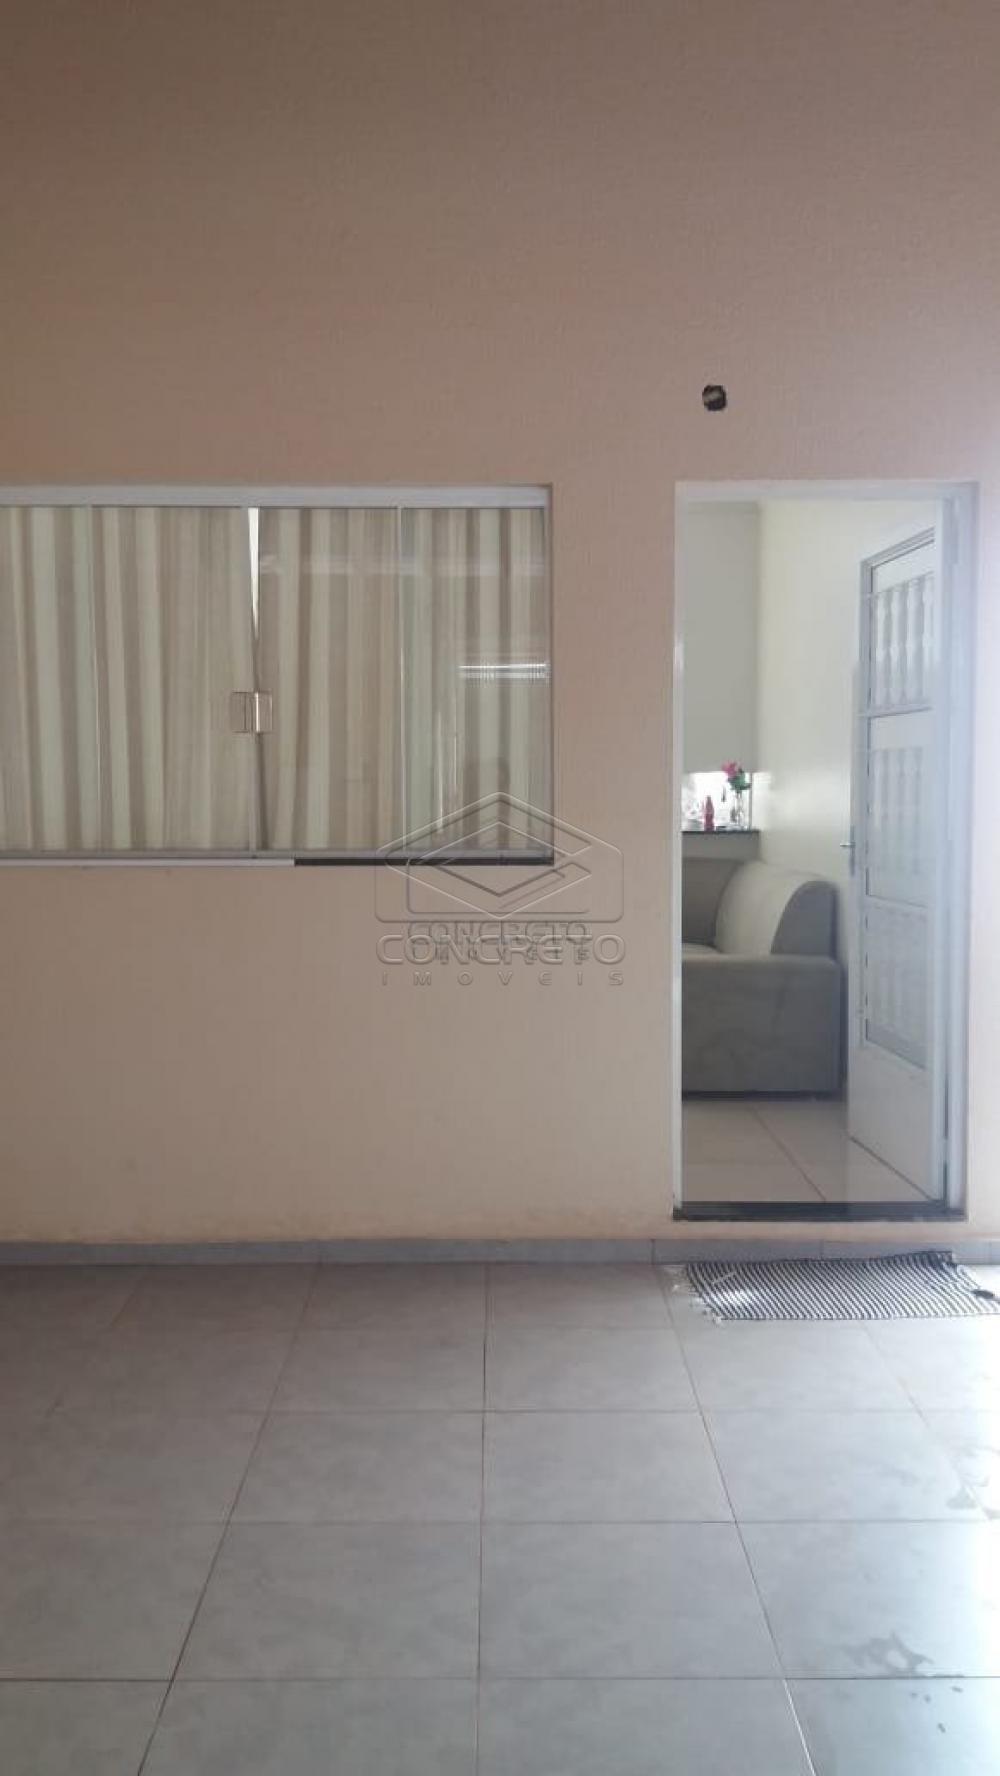 Alugar Casa / Padrão em Bauru apenas R$ 951,00 - Foto 12